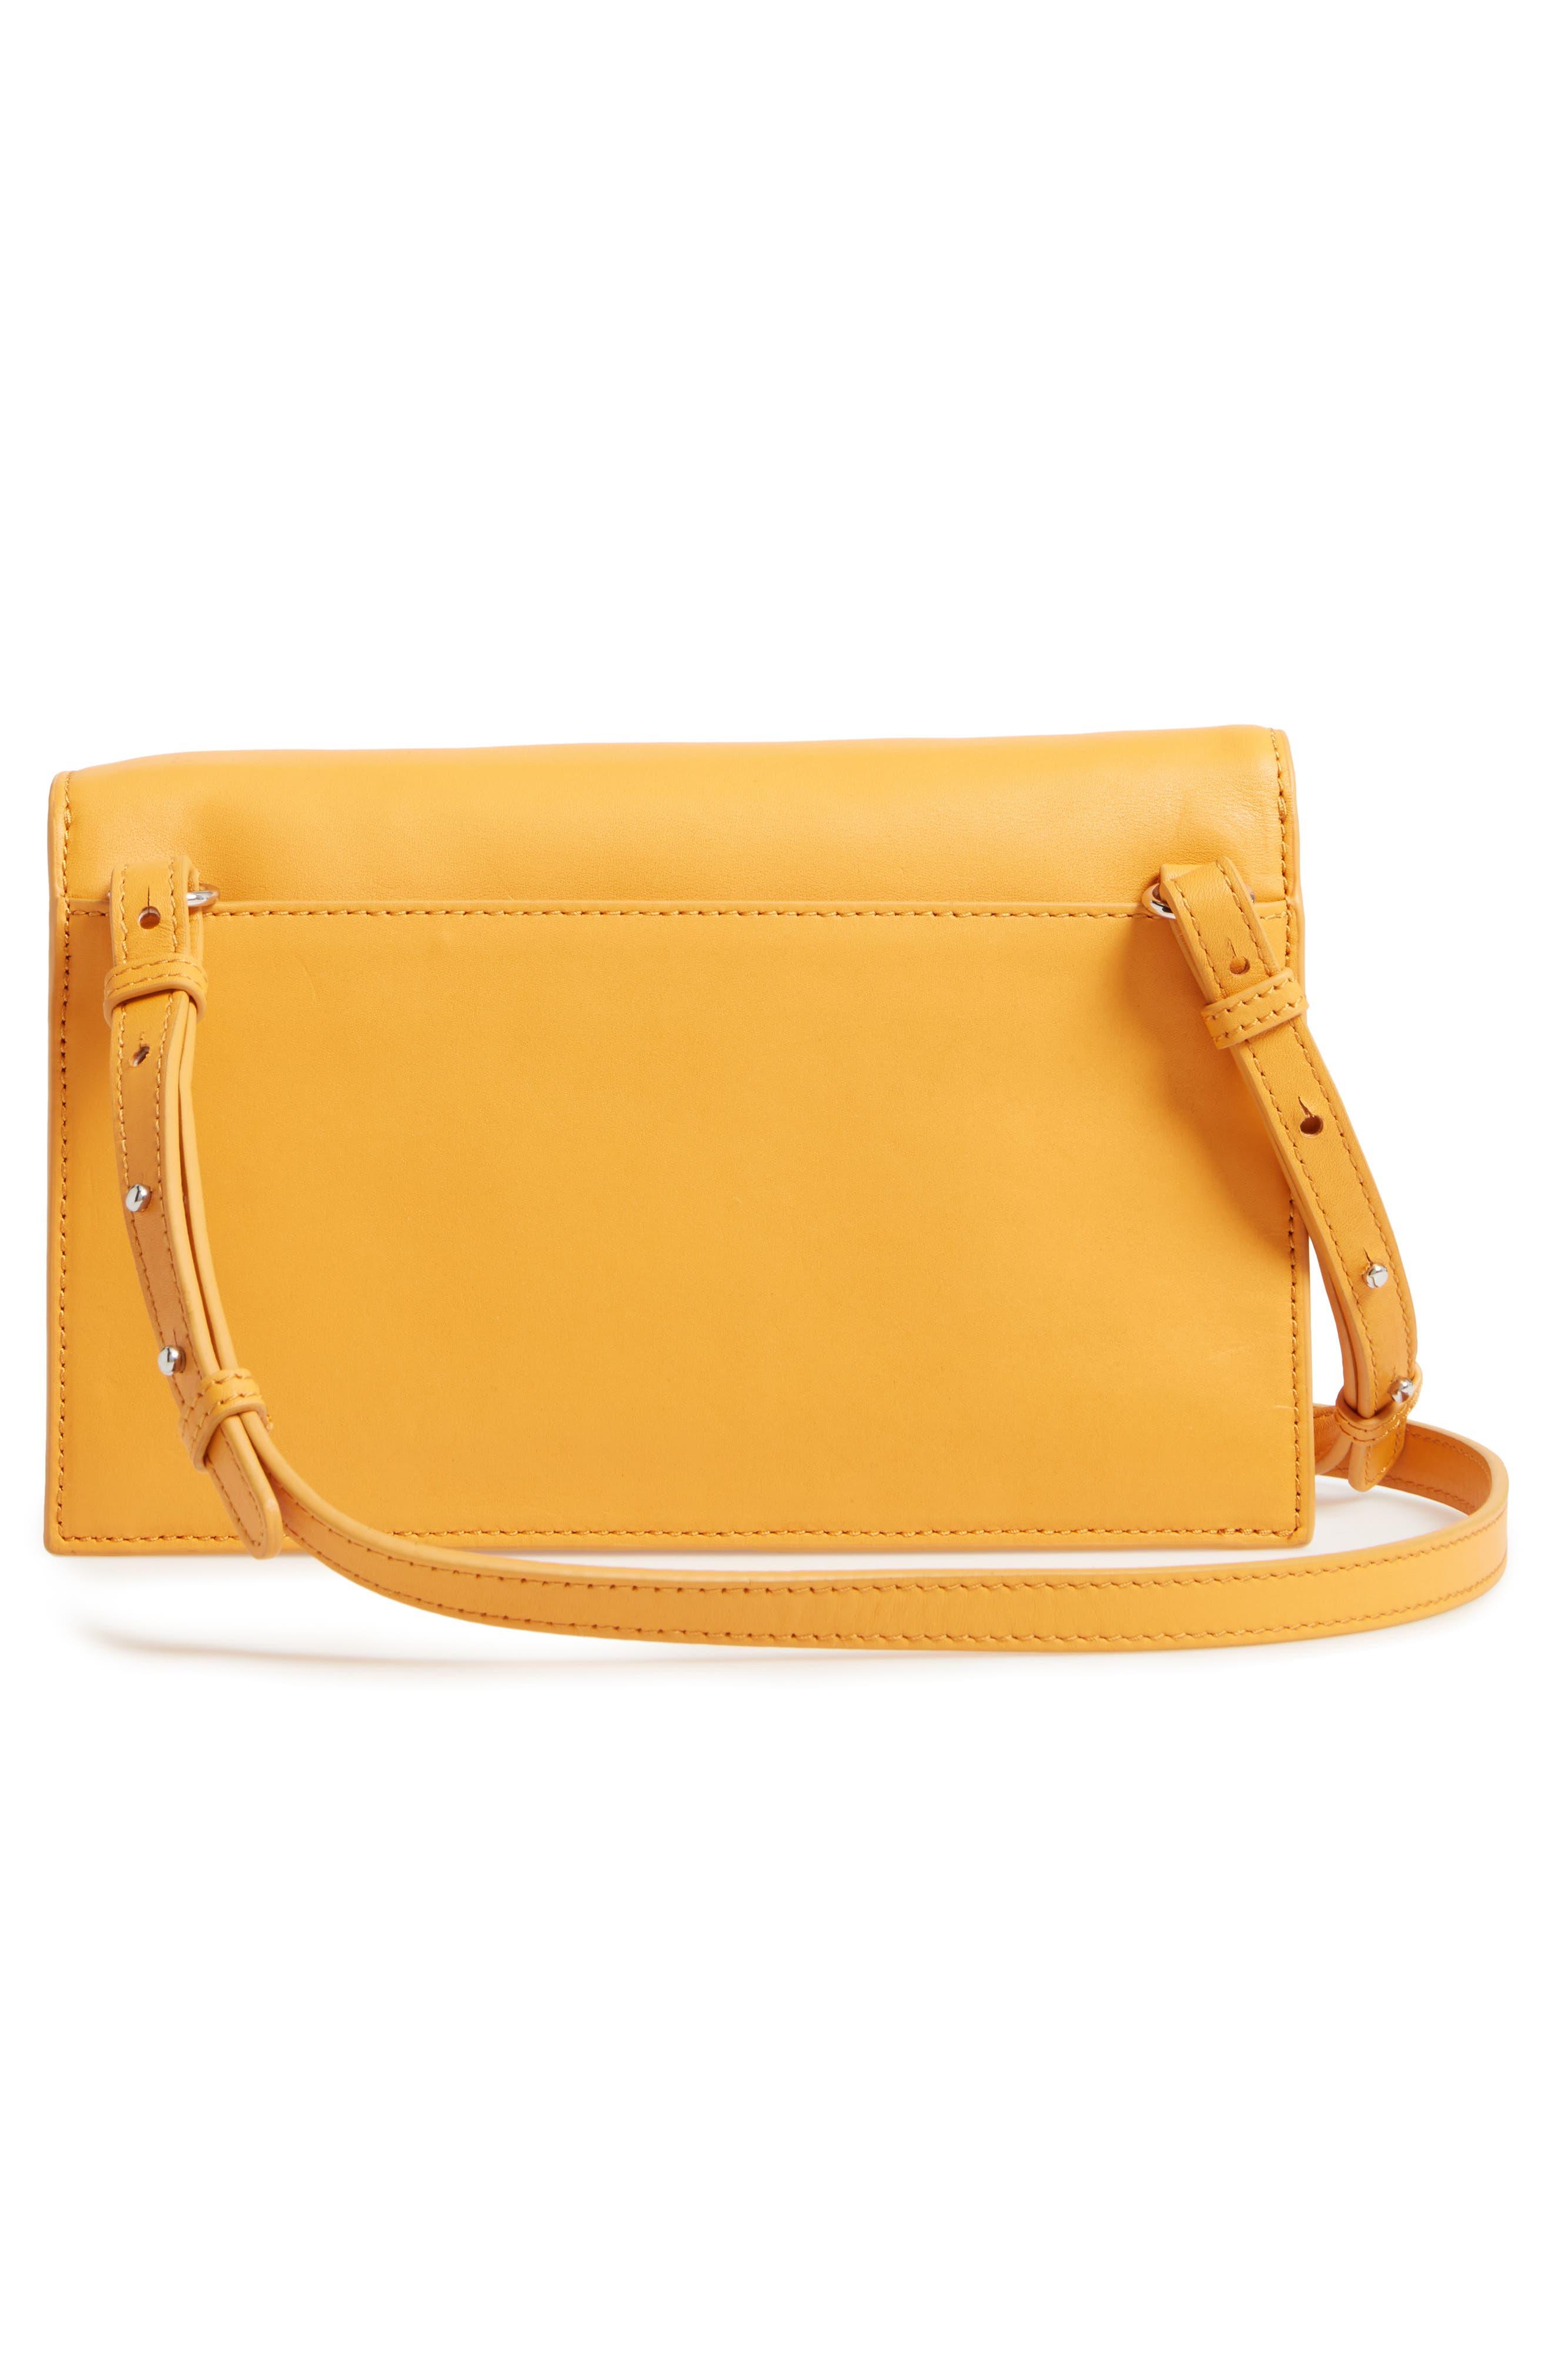 Easton Leather Envelope Crossbody Bag,                             Alternate thumbnail 3, color,                             Ochre